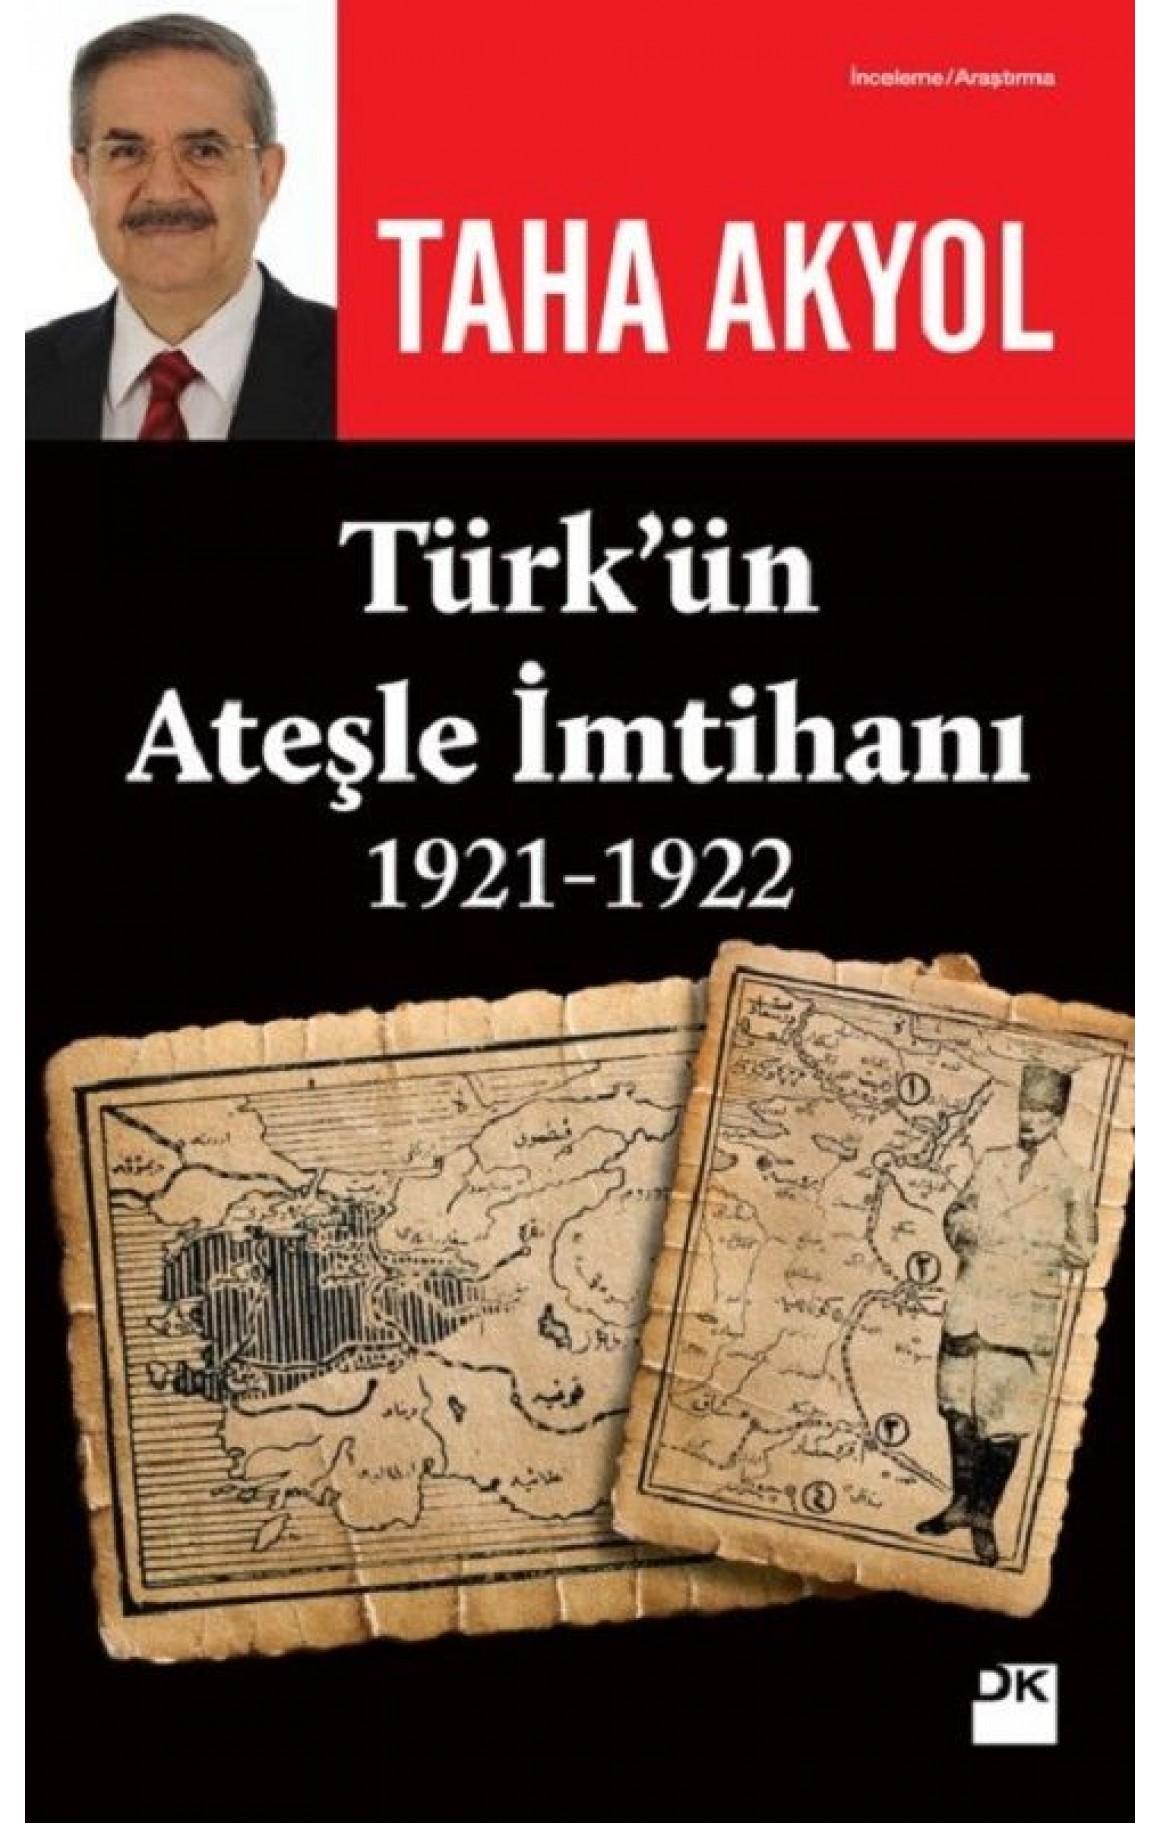 Türkün Ateşle İmtihanı 1921-1922